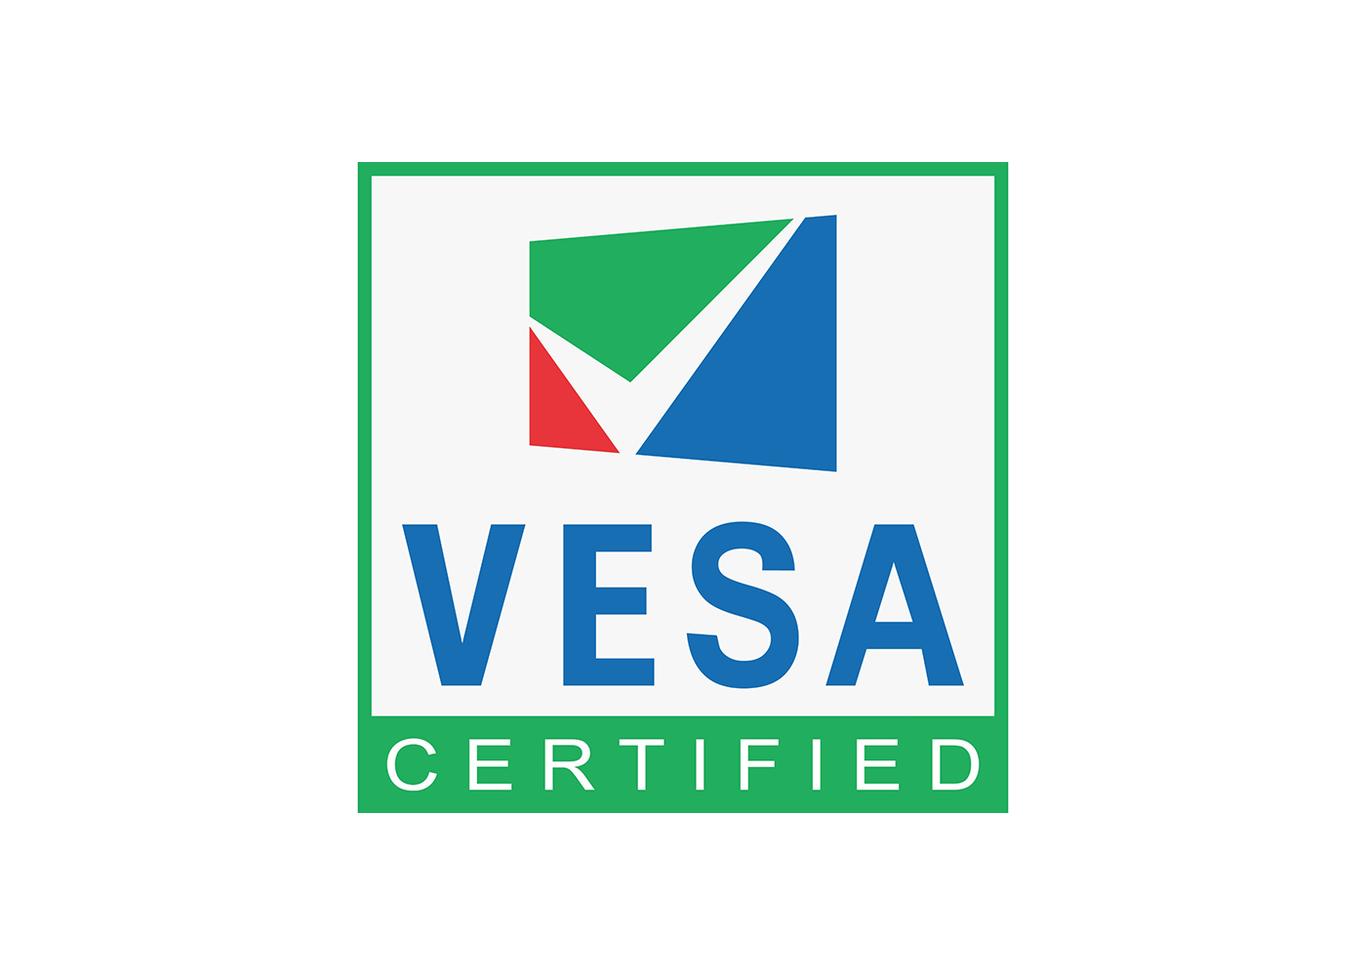 VESA - tiêu chuẩn màn hình hàng đầu hiện nay